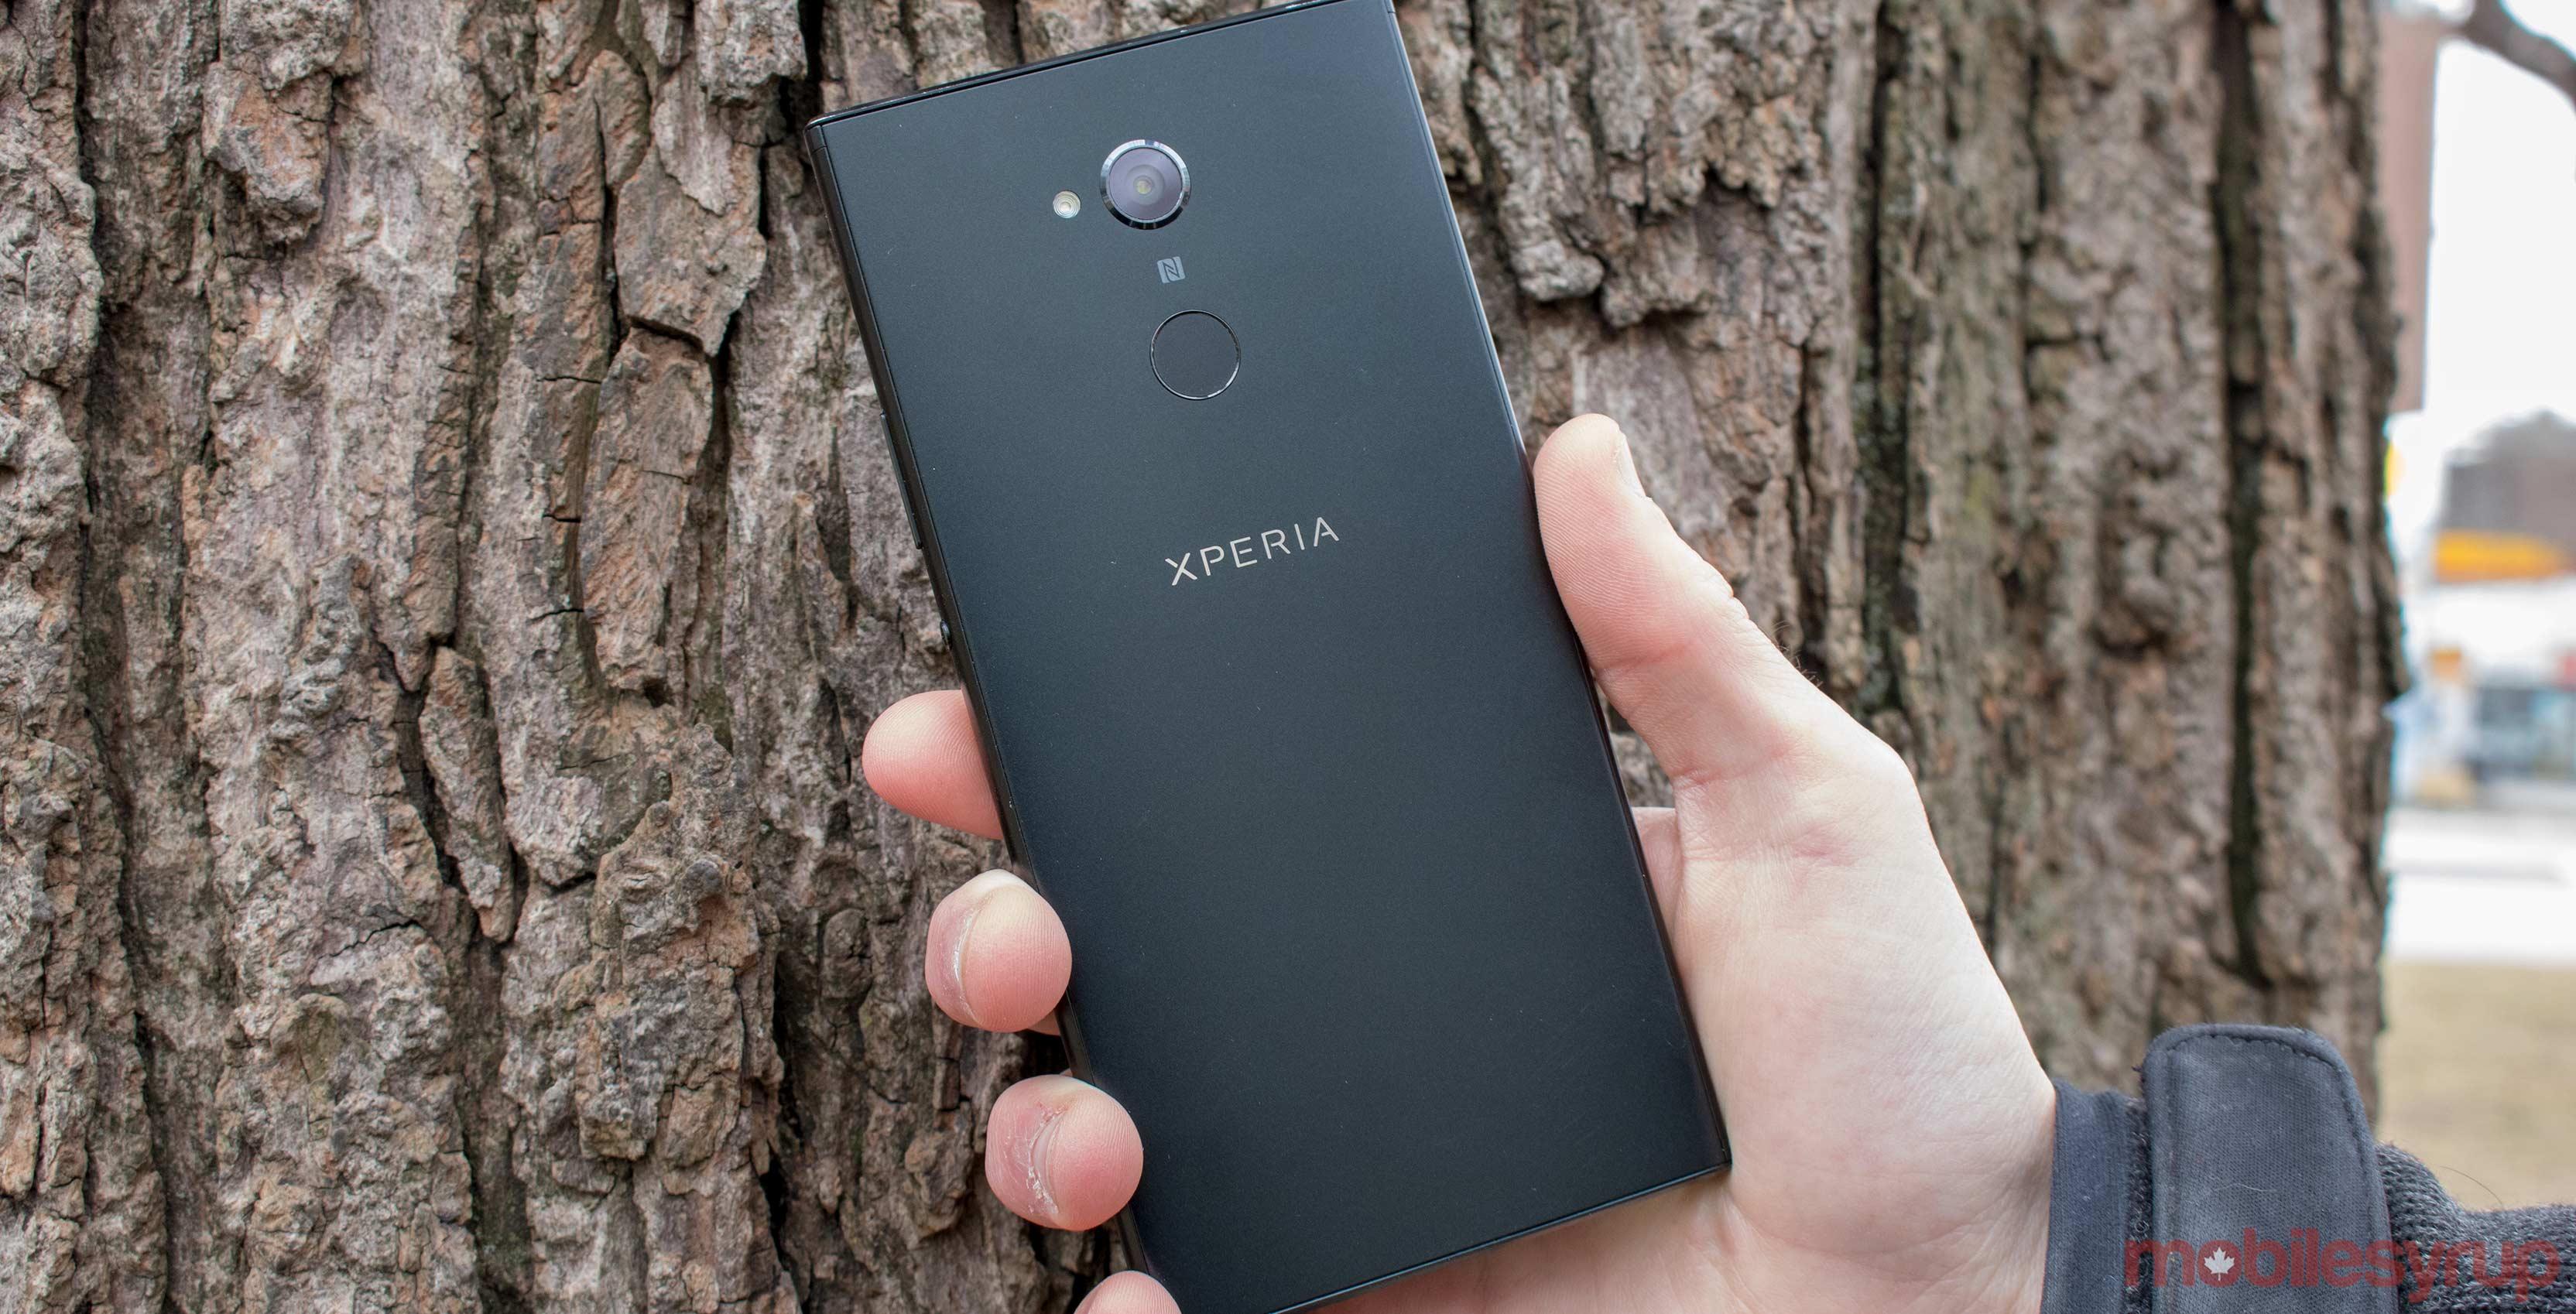 Sony Xperia XA2 Ultra on the back